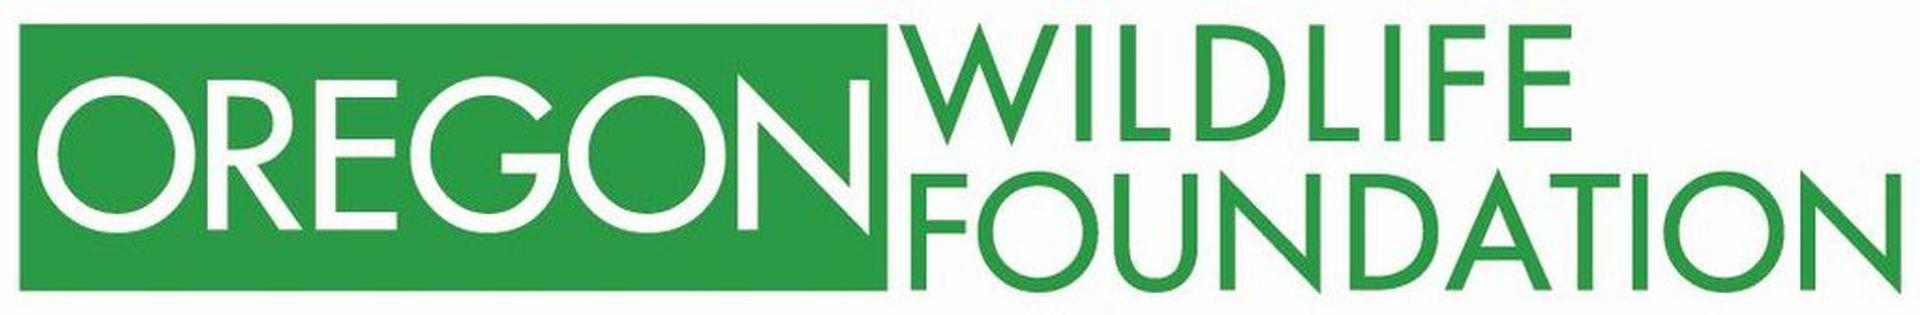 Oregon Wildlife Foundation